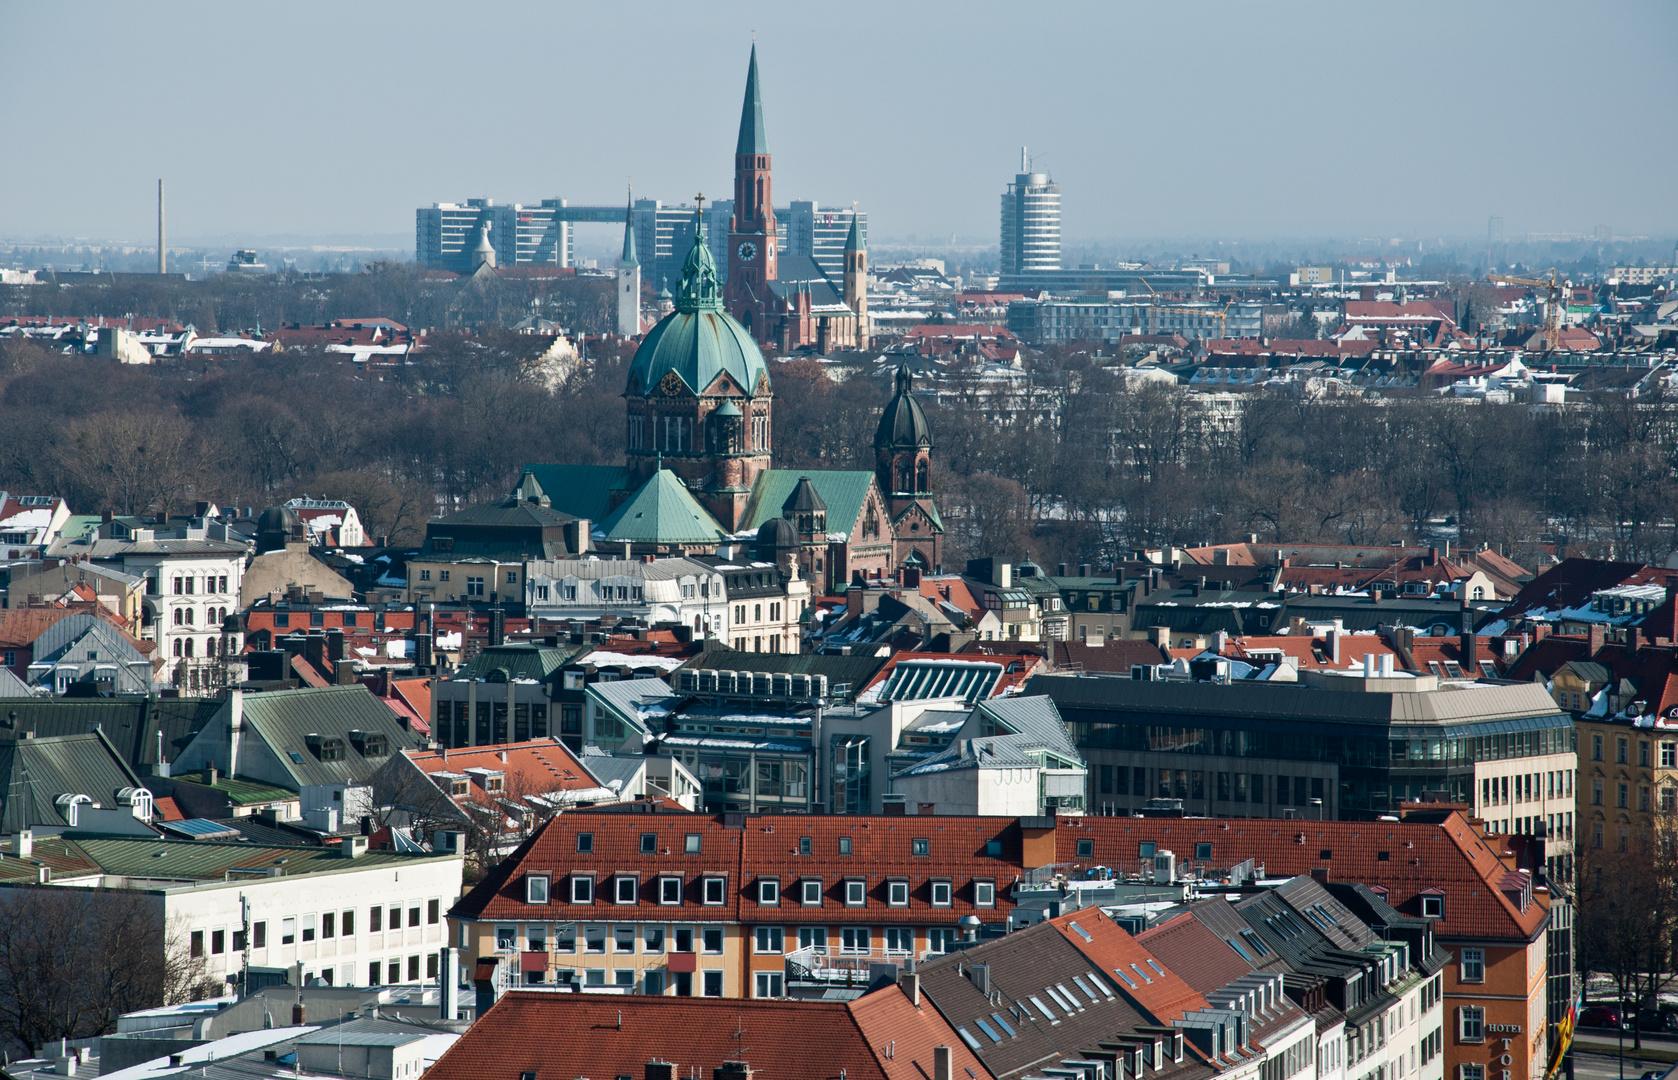 Blick über St. Lukas im Lehel und St. Johann am Wiener Platz